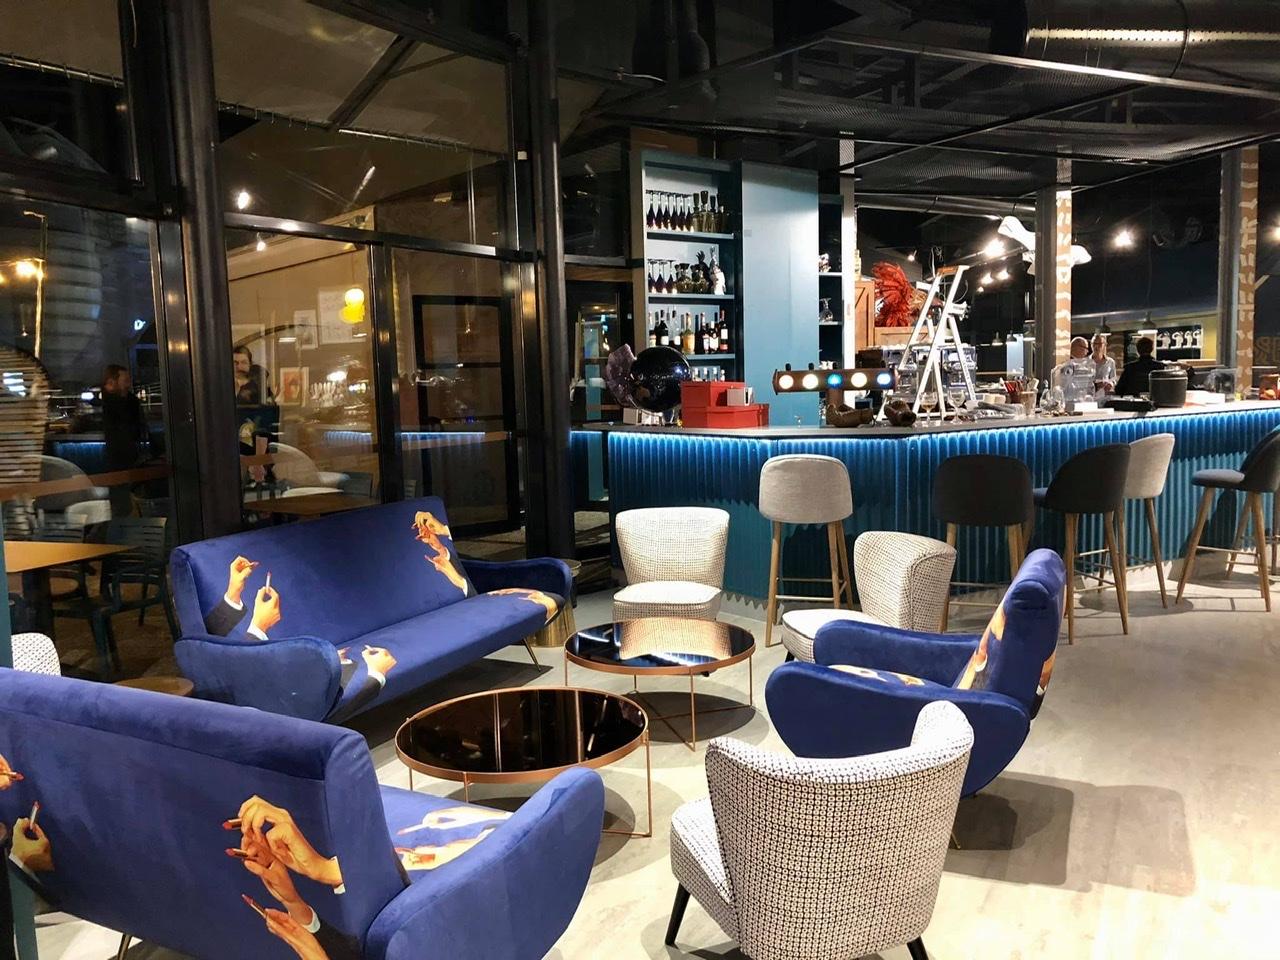 [Restaurant] L'Atelier des Saveurs · 2020 95-CF0125-F08-D-4-B43-9-C05-A6-E8-AA432642